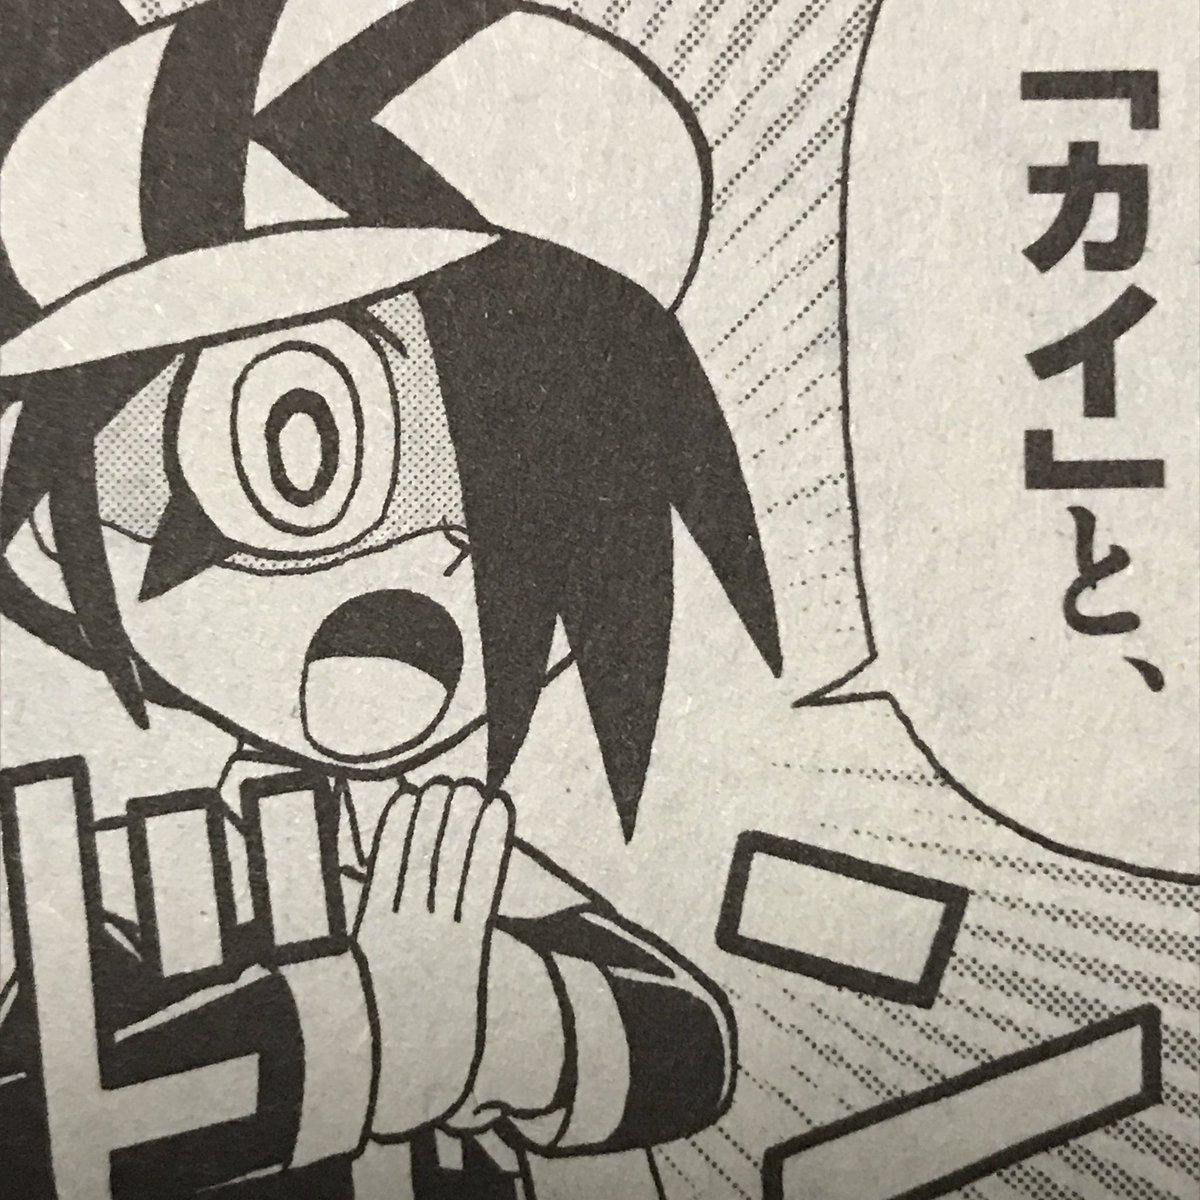 月刊コロコロ9月号。怪盗ジョーカーに代わる新連載は怪盗少年ジョーカーズ(293-6頁)。Jとカイはジョーカーとシャドウの